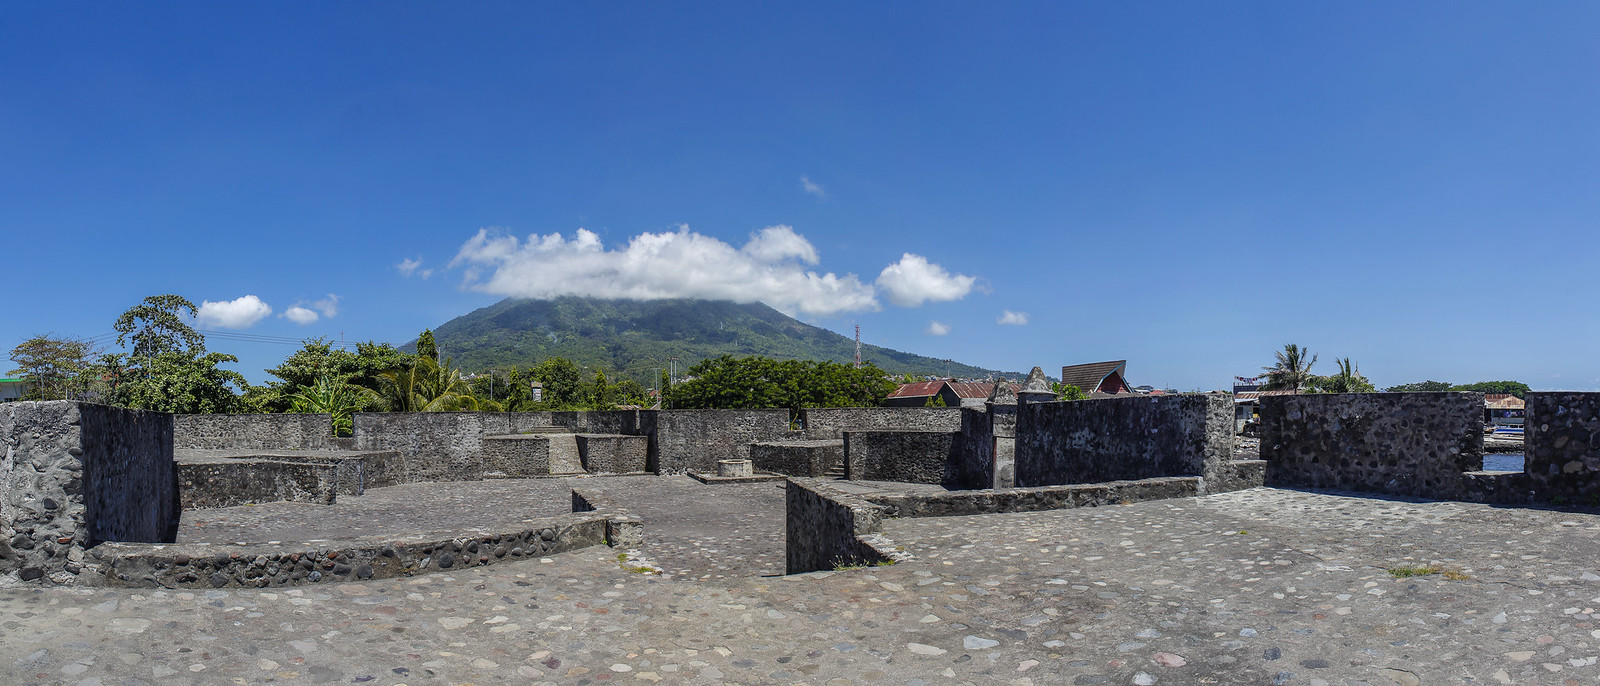 Benteng Kalamata vista interior del fuerte